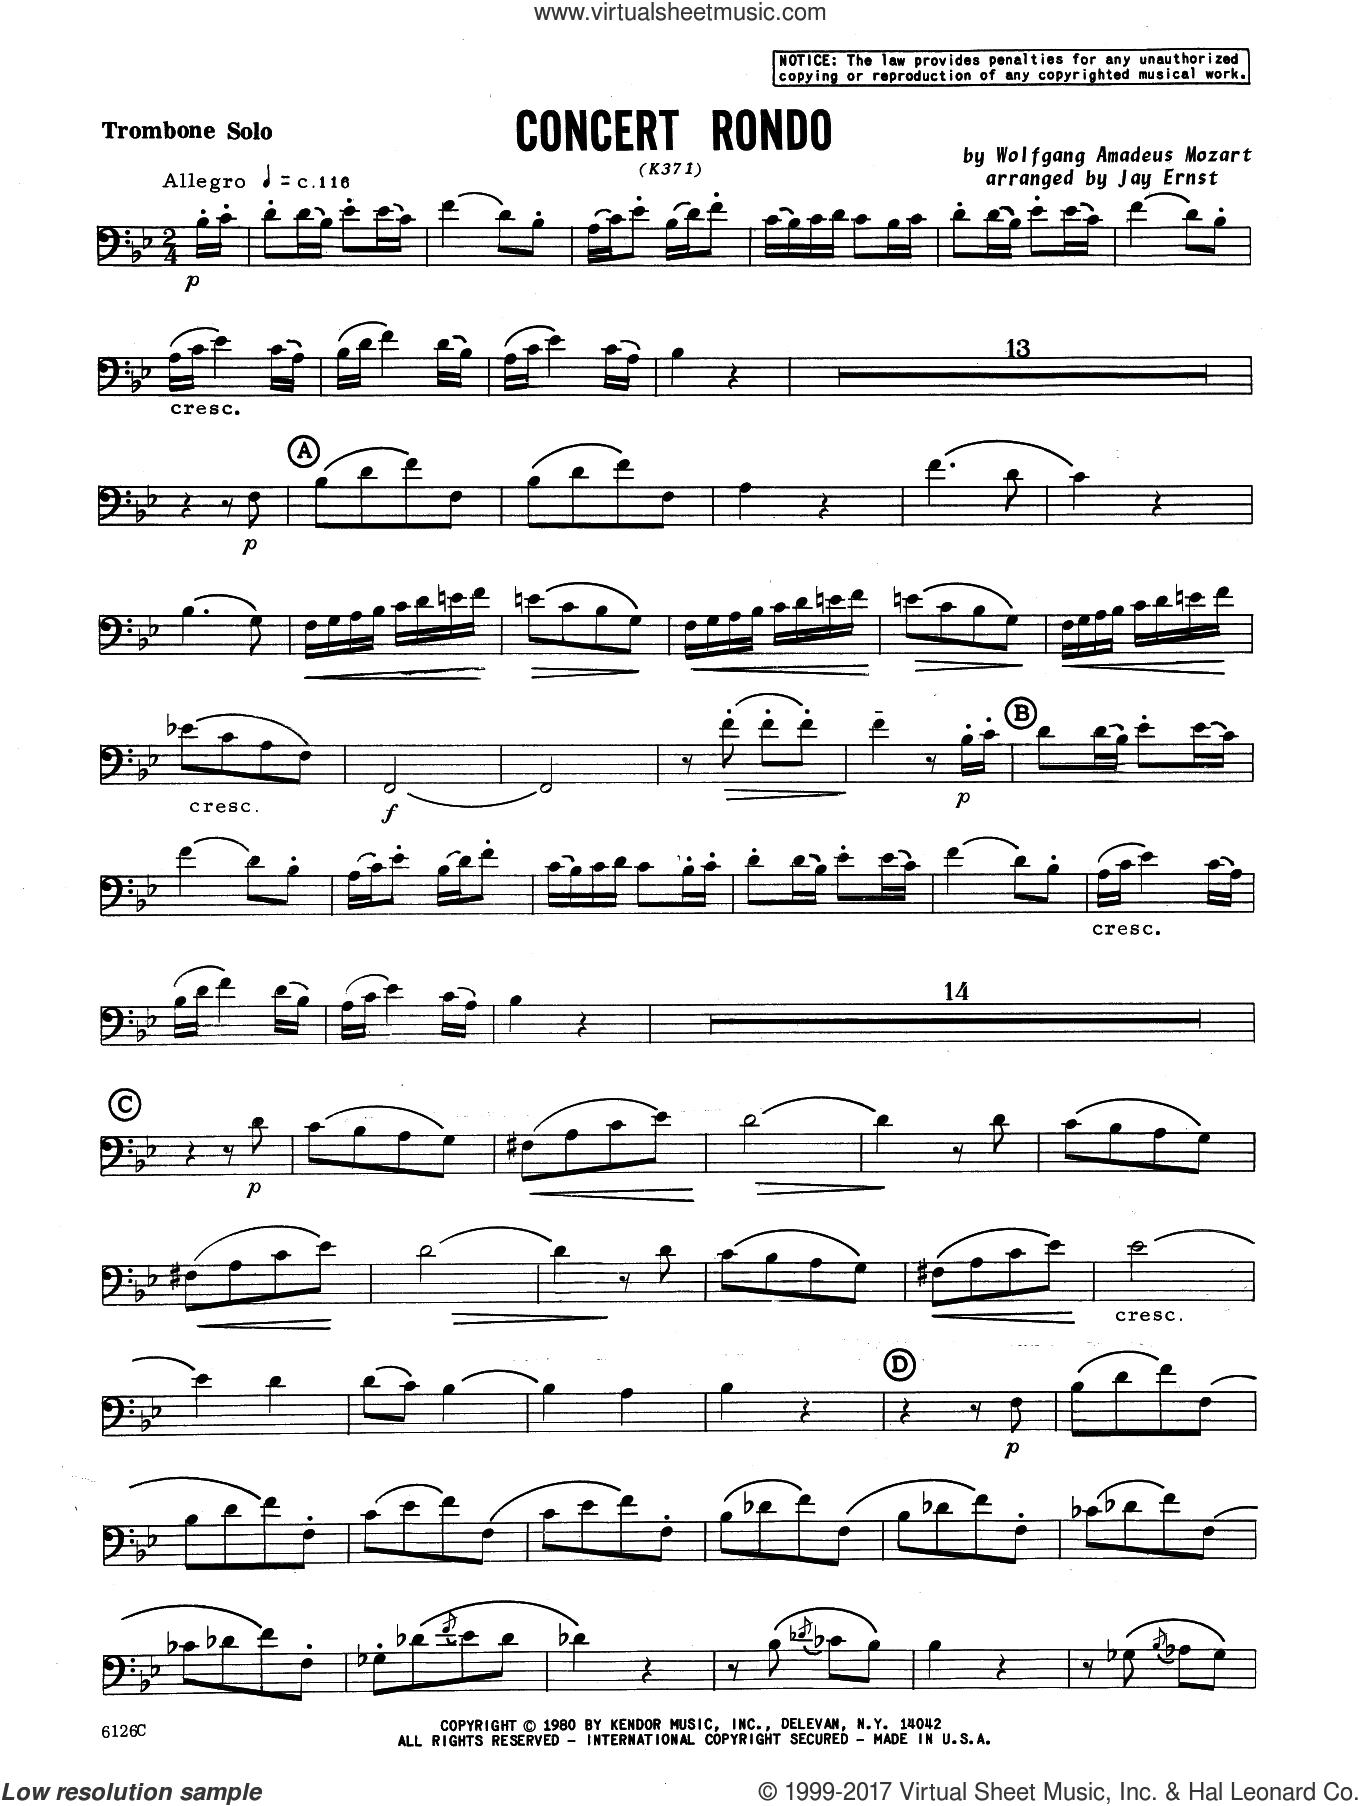 Trombone Concerto - Piano Score